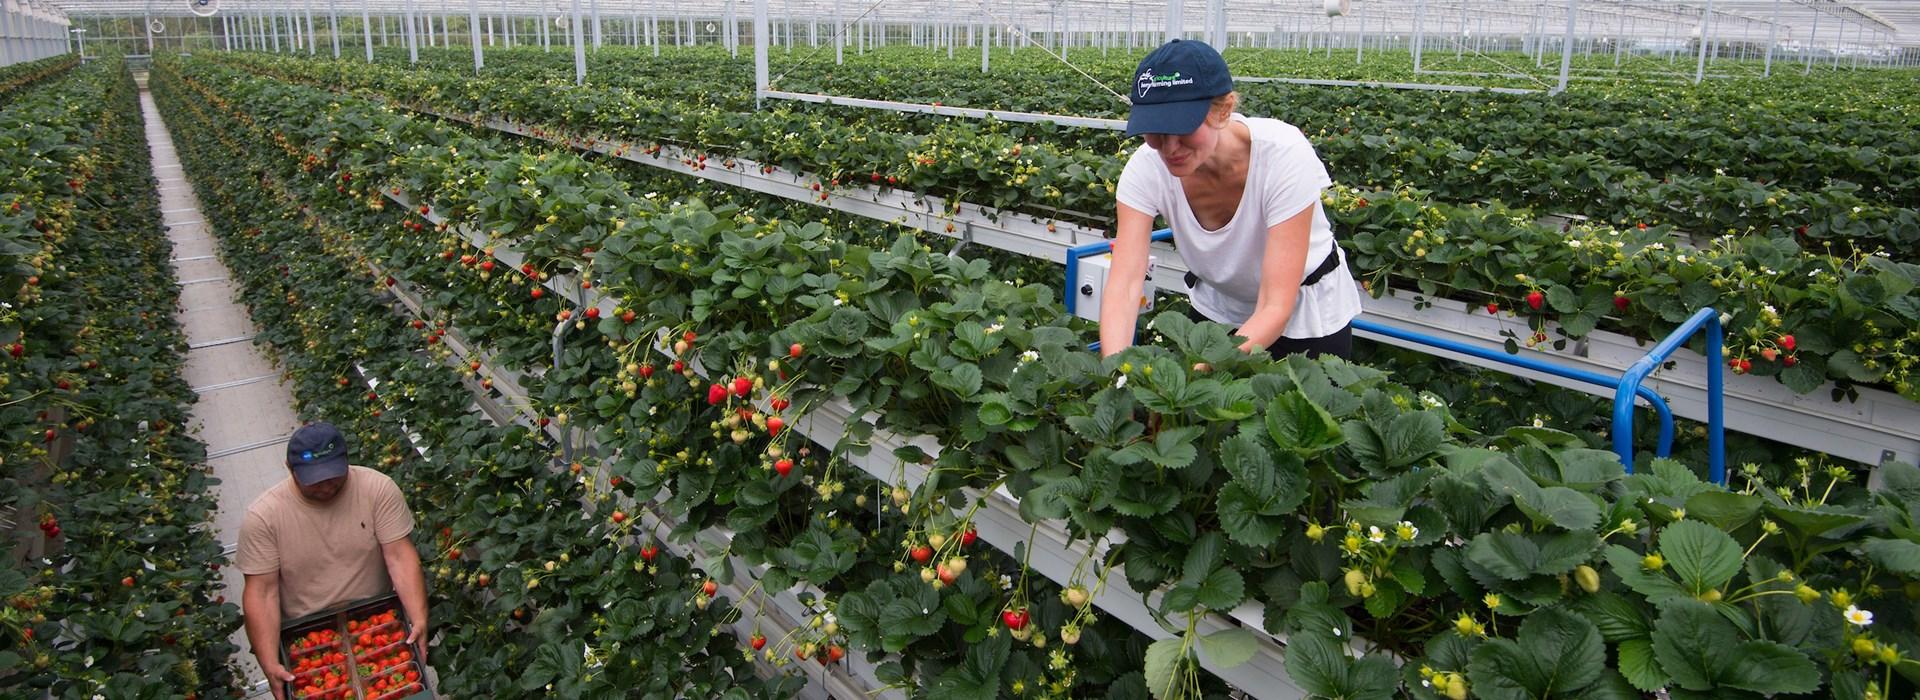 【イギリス】テスコ、商用規模イチゴ栽培初の垂直農法を実現。水消費量とCO2削減と収量増を両立 1